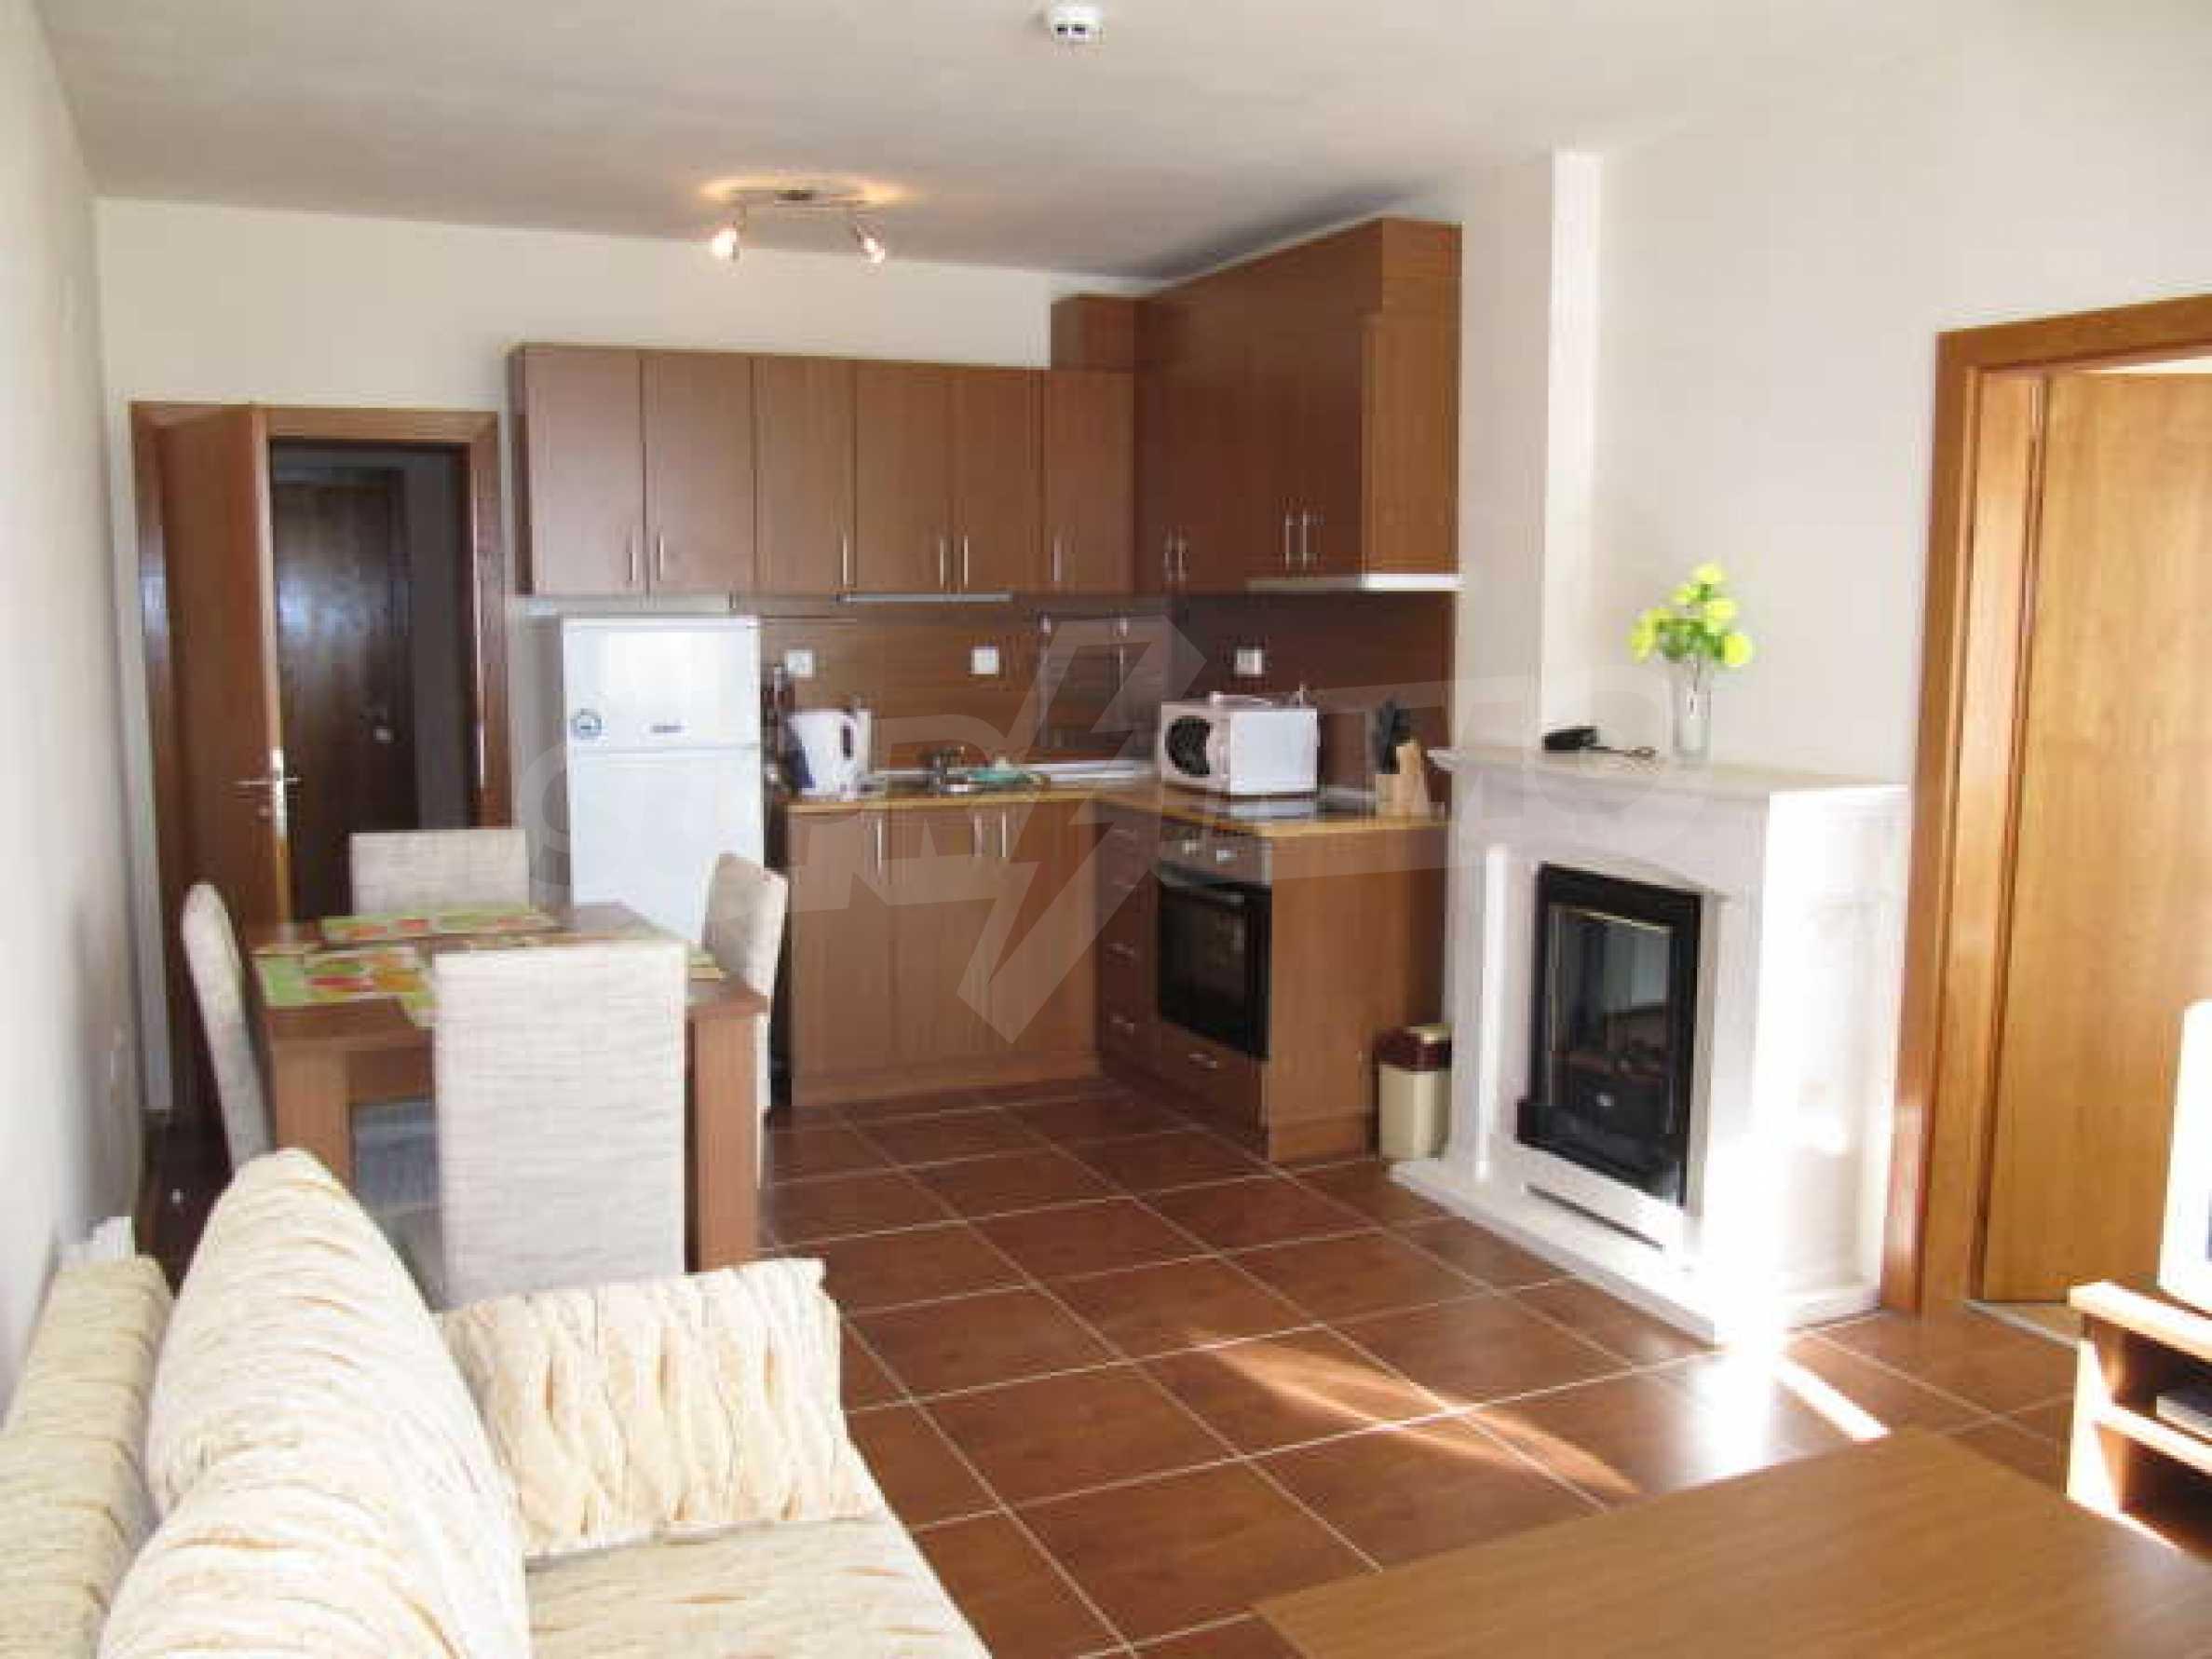 Komplett eingerichtete und ausgestattete Wohnung im Lucky-Komplex in Pamporovo 2